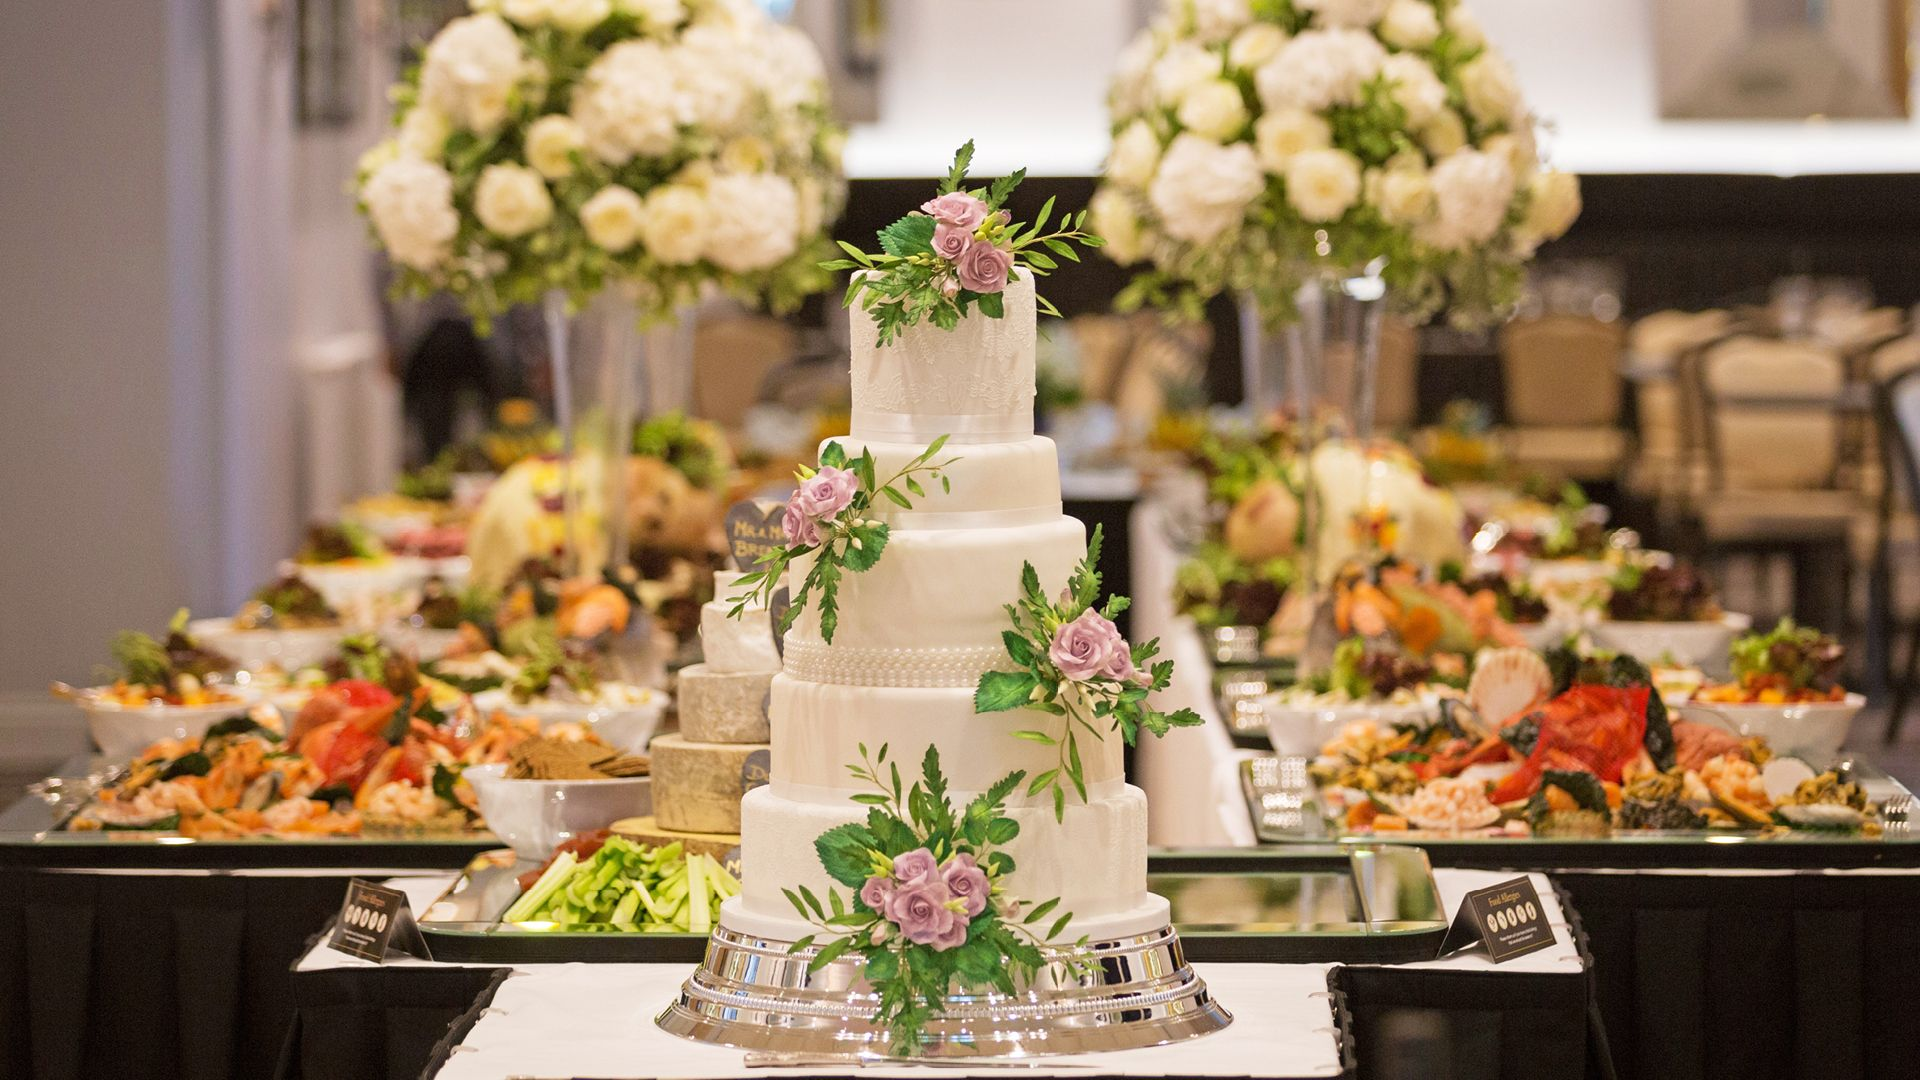 Wedding Catering Di 2020 Katering Pernikahan Catering Pernikahan Murah